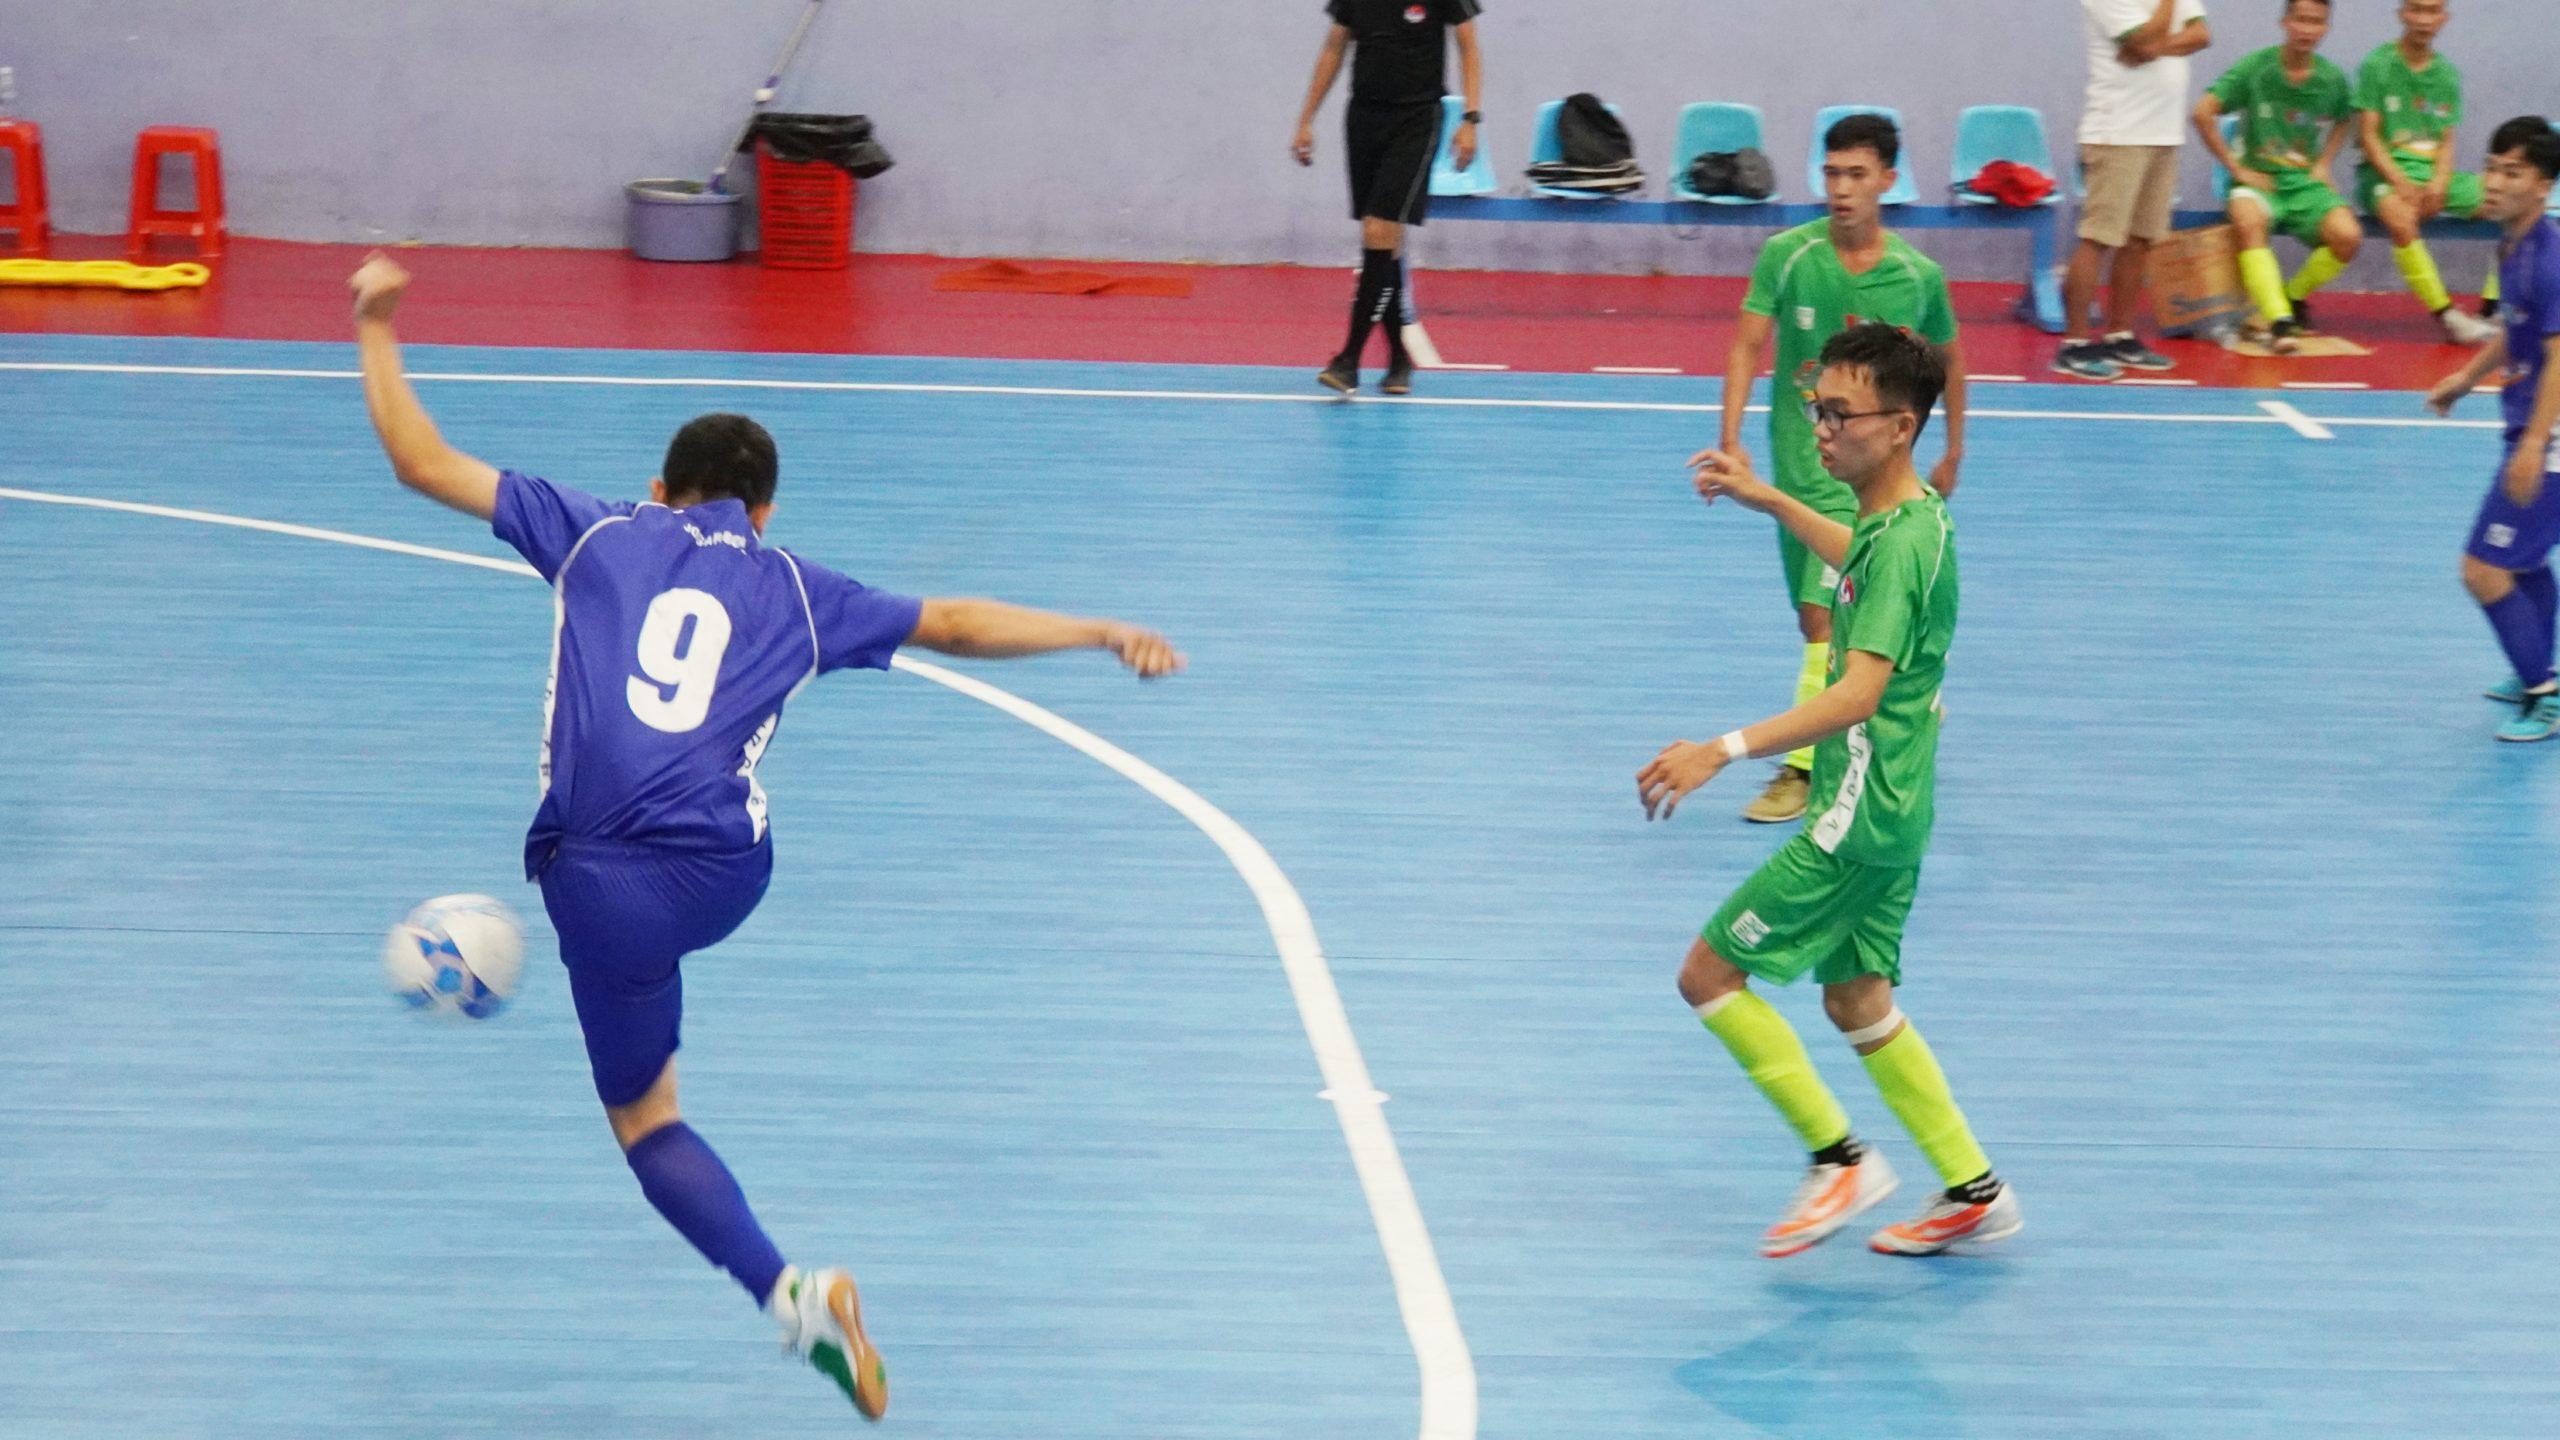 Giải Futsal HD bank SV Nam Trung bộ và Tây Nguyên 2020:  Đội tuyển ĐH Thái Bình Dương thắng 4-1 với ĐH Nông Lâm phân hiệu Ninh Thuận